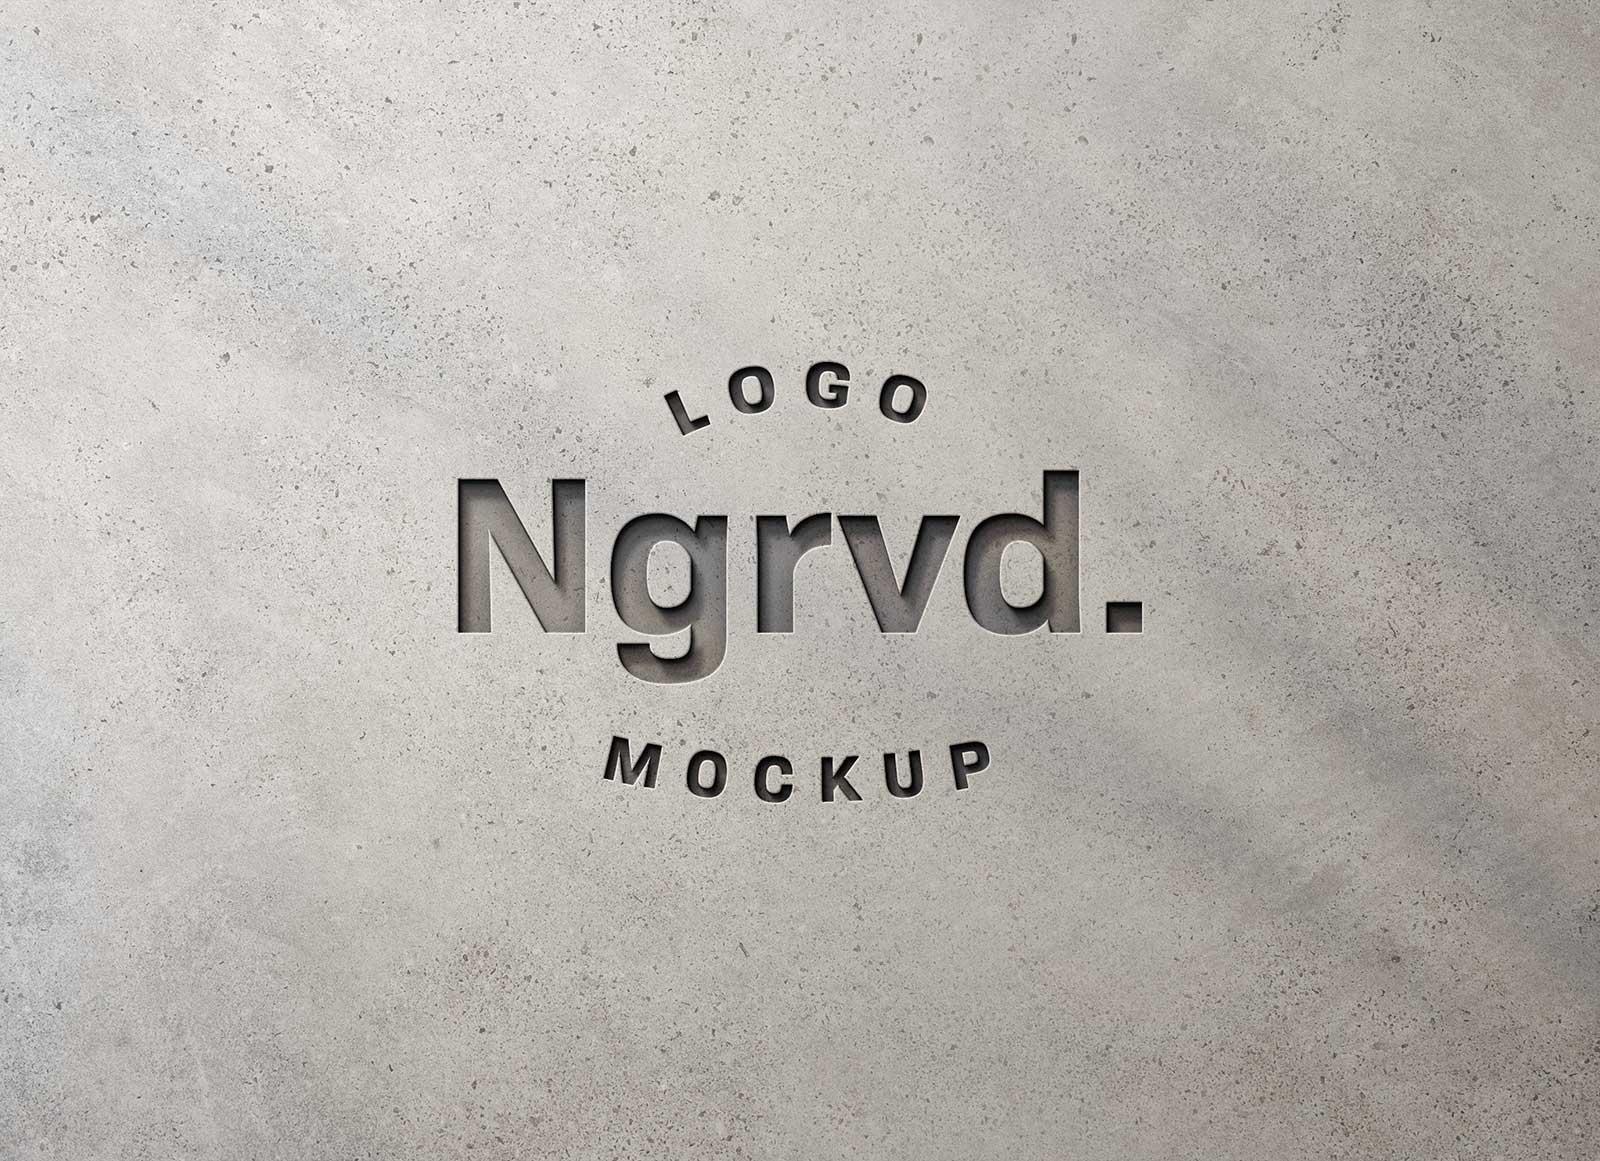 Free-Wall-Engraved-Logo-Mockup-PSD